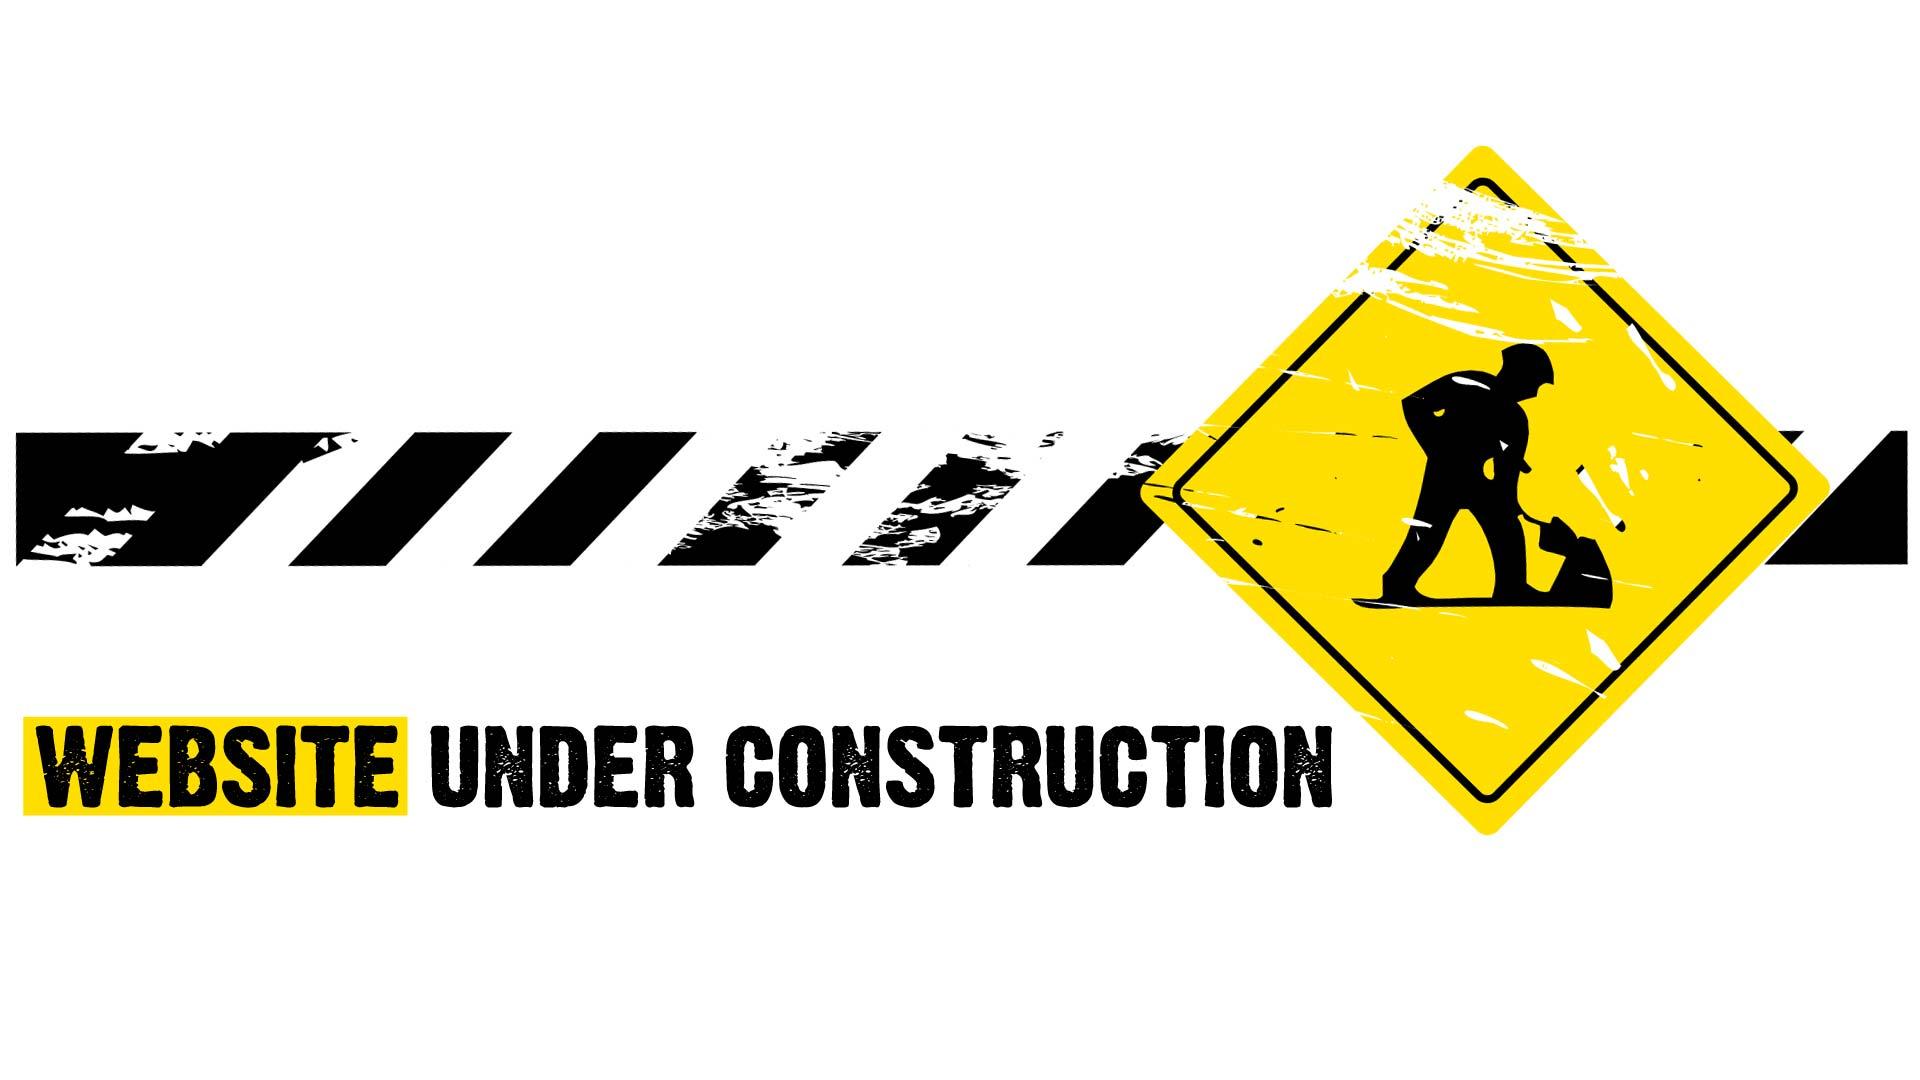 under-construction.jpg (1920×1080)